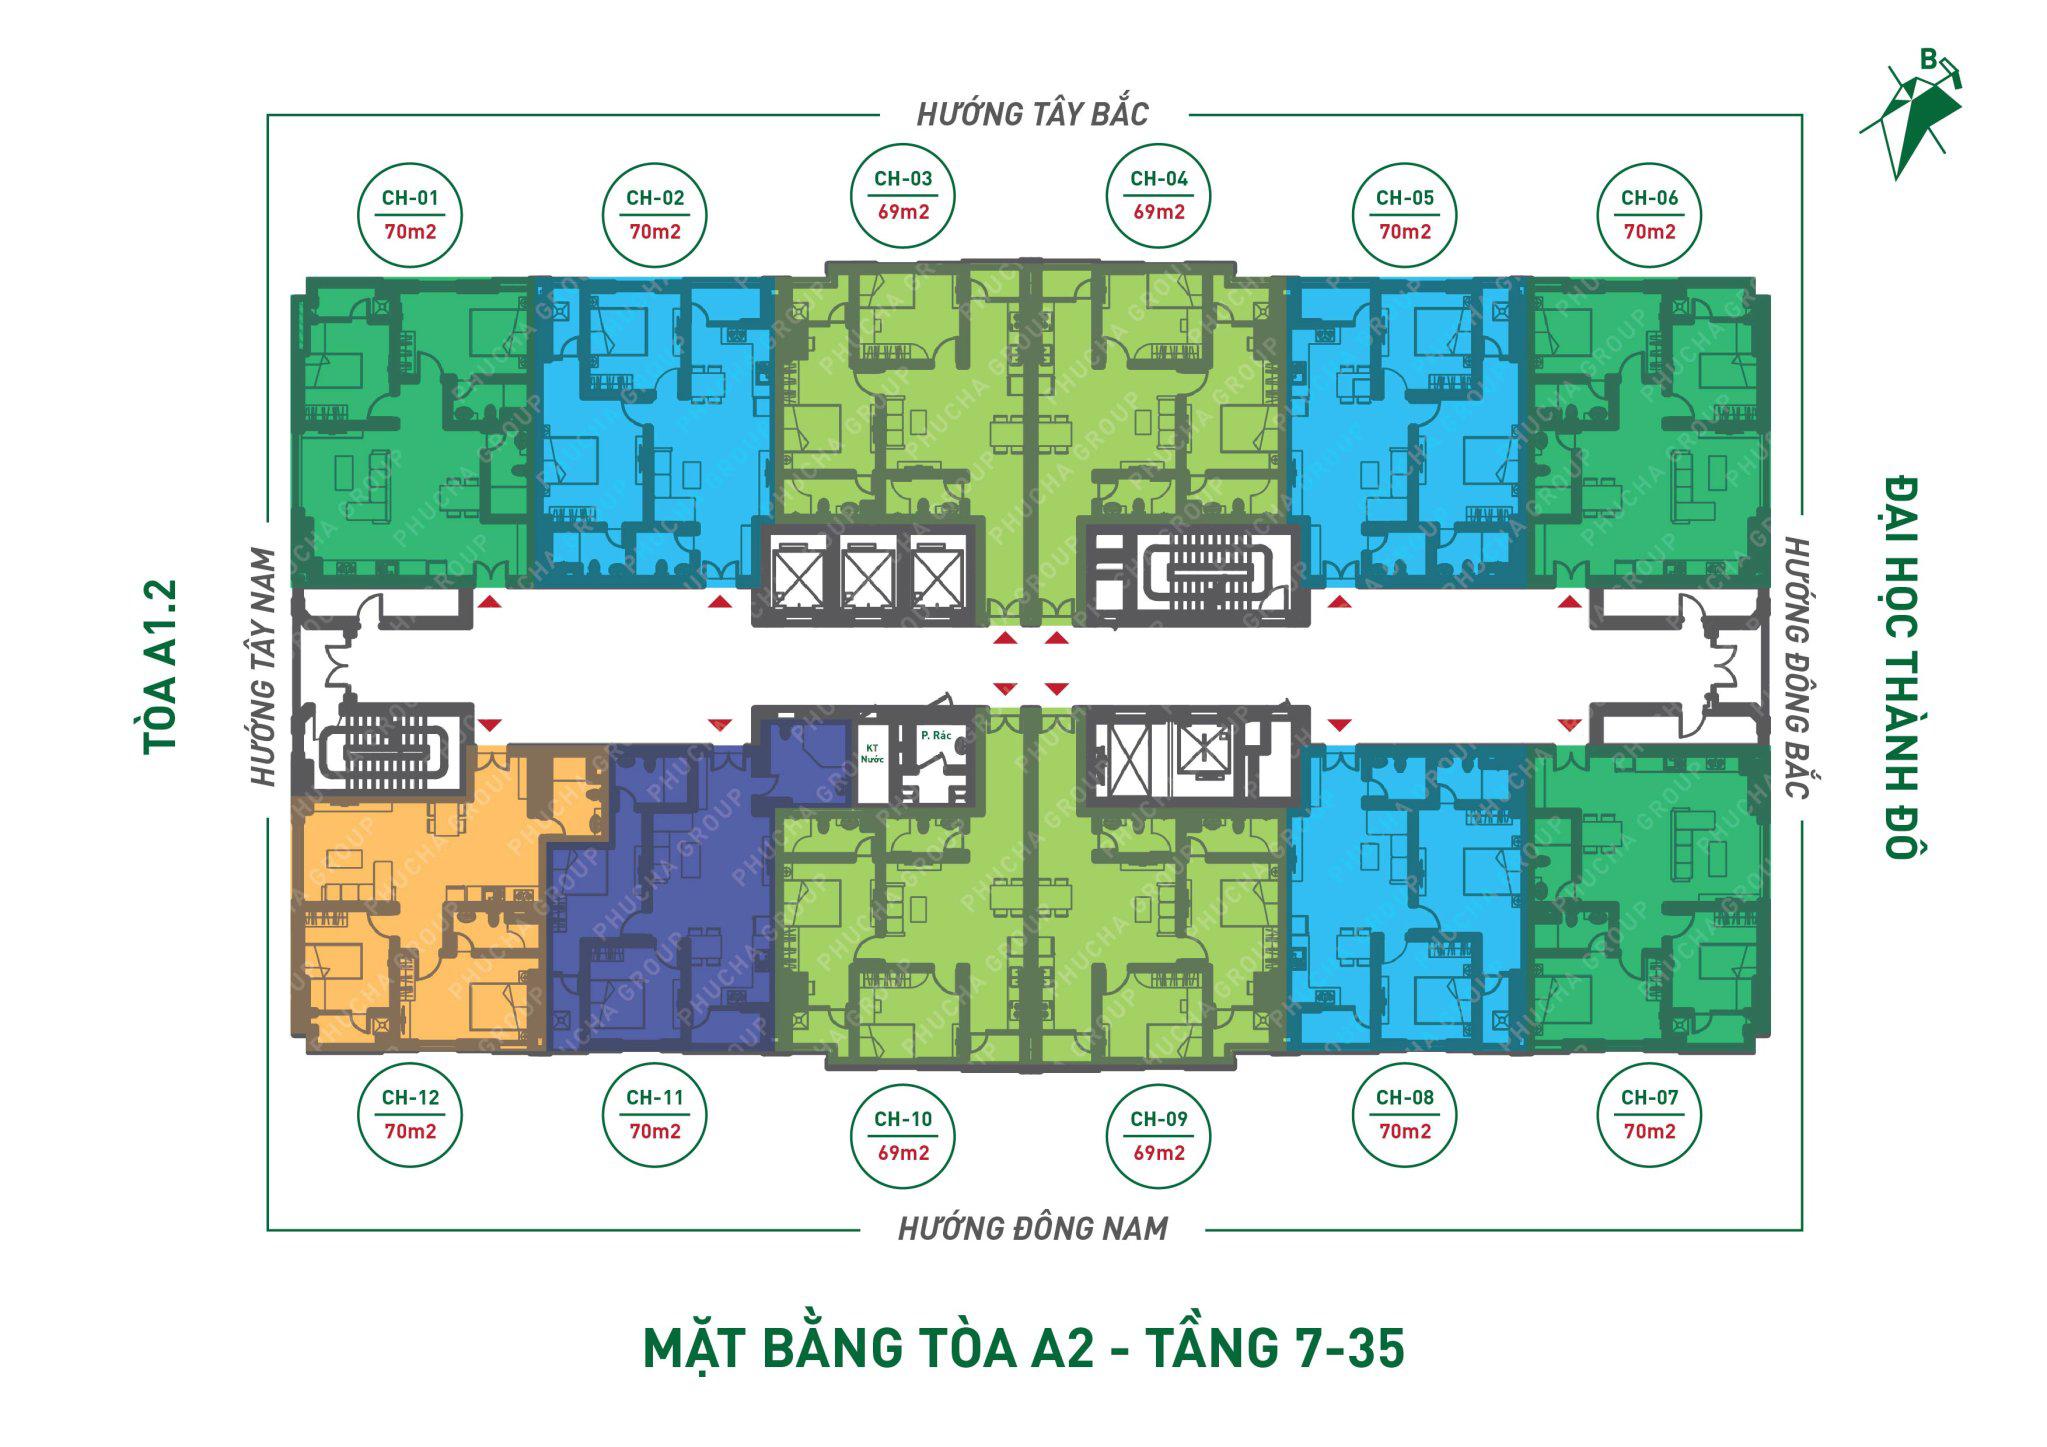 Mặt bằng căn hộ Toà A2 Từ 7 đến tầng 35